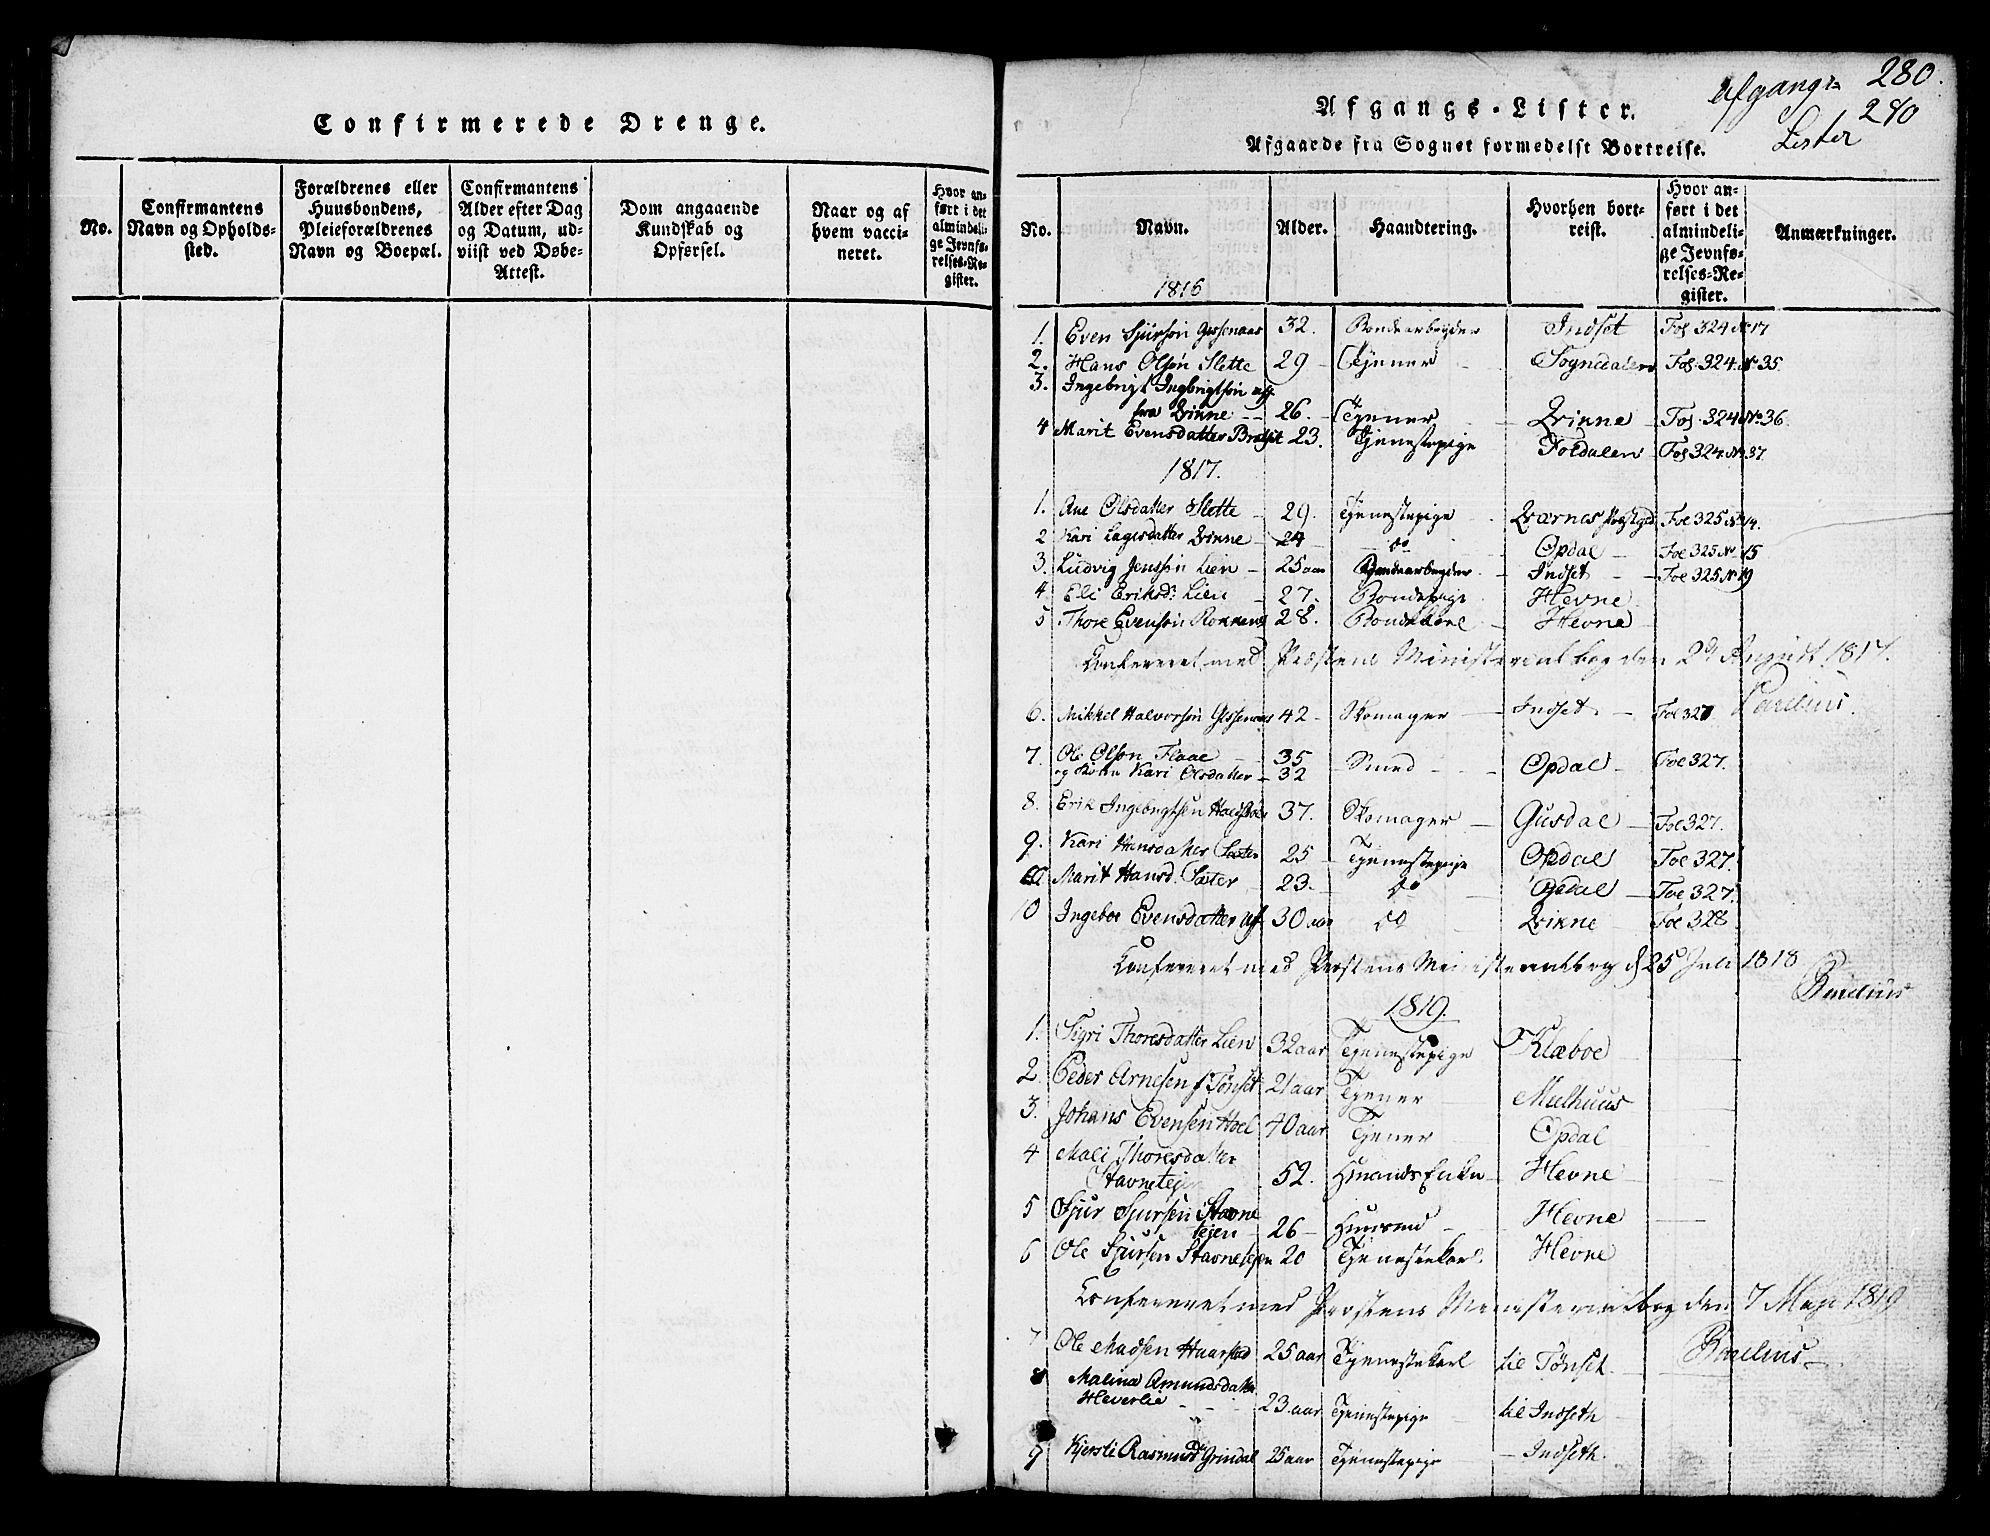 SAT, Ministerialprotokoller, klokkerbøker og fødselsregistre - Sør-Trøndelag, 674/L0874: Klokkerbok nr. 674C01, 1816-1860, s. 280